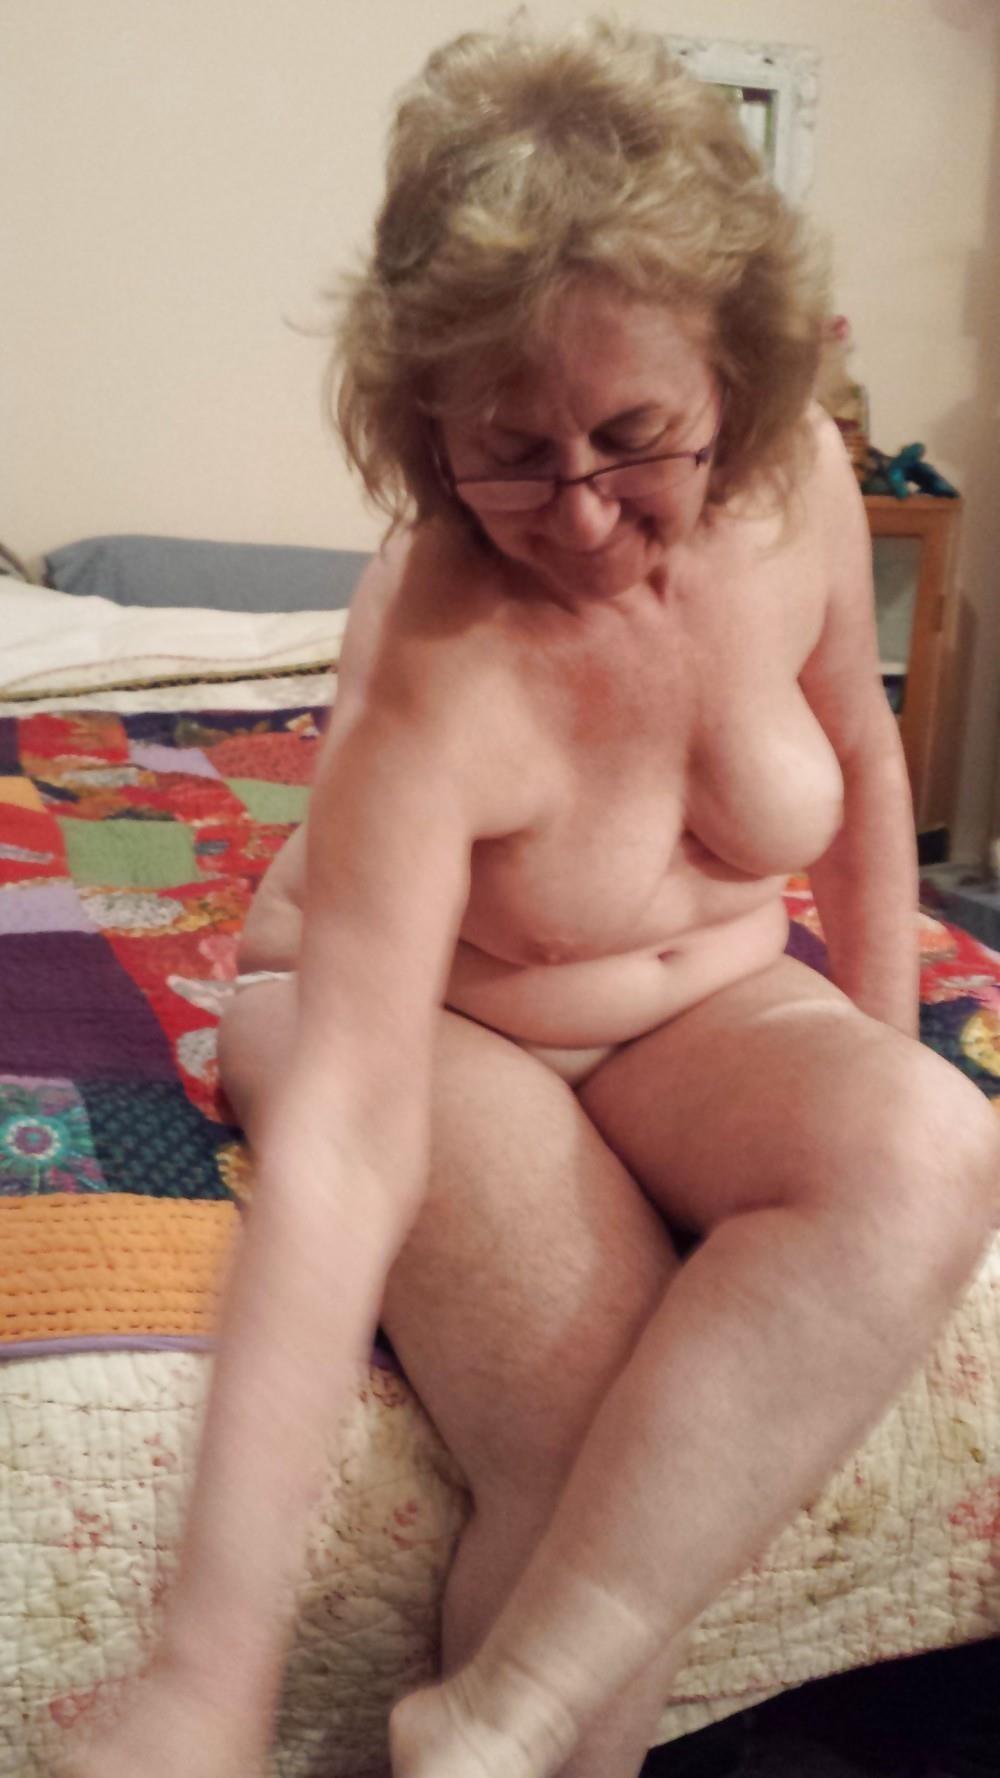 Chubby granny nude pics-3539